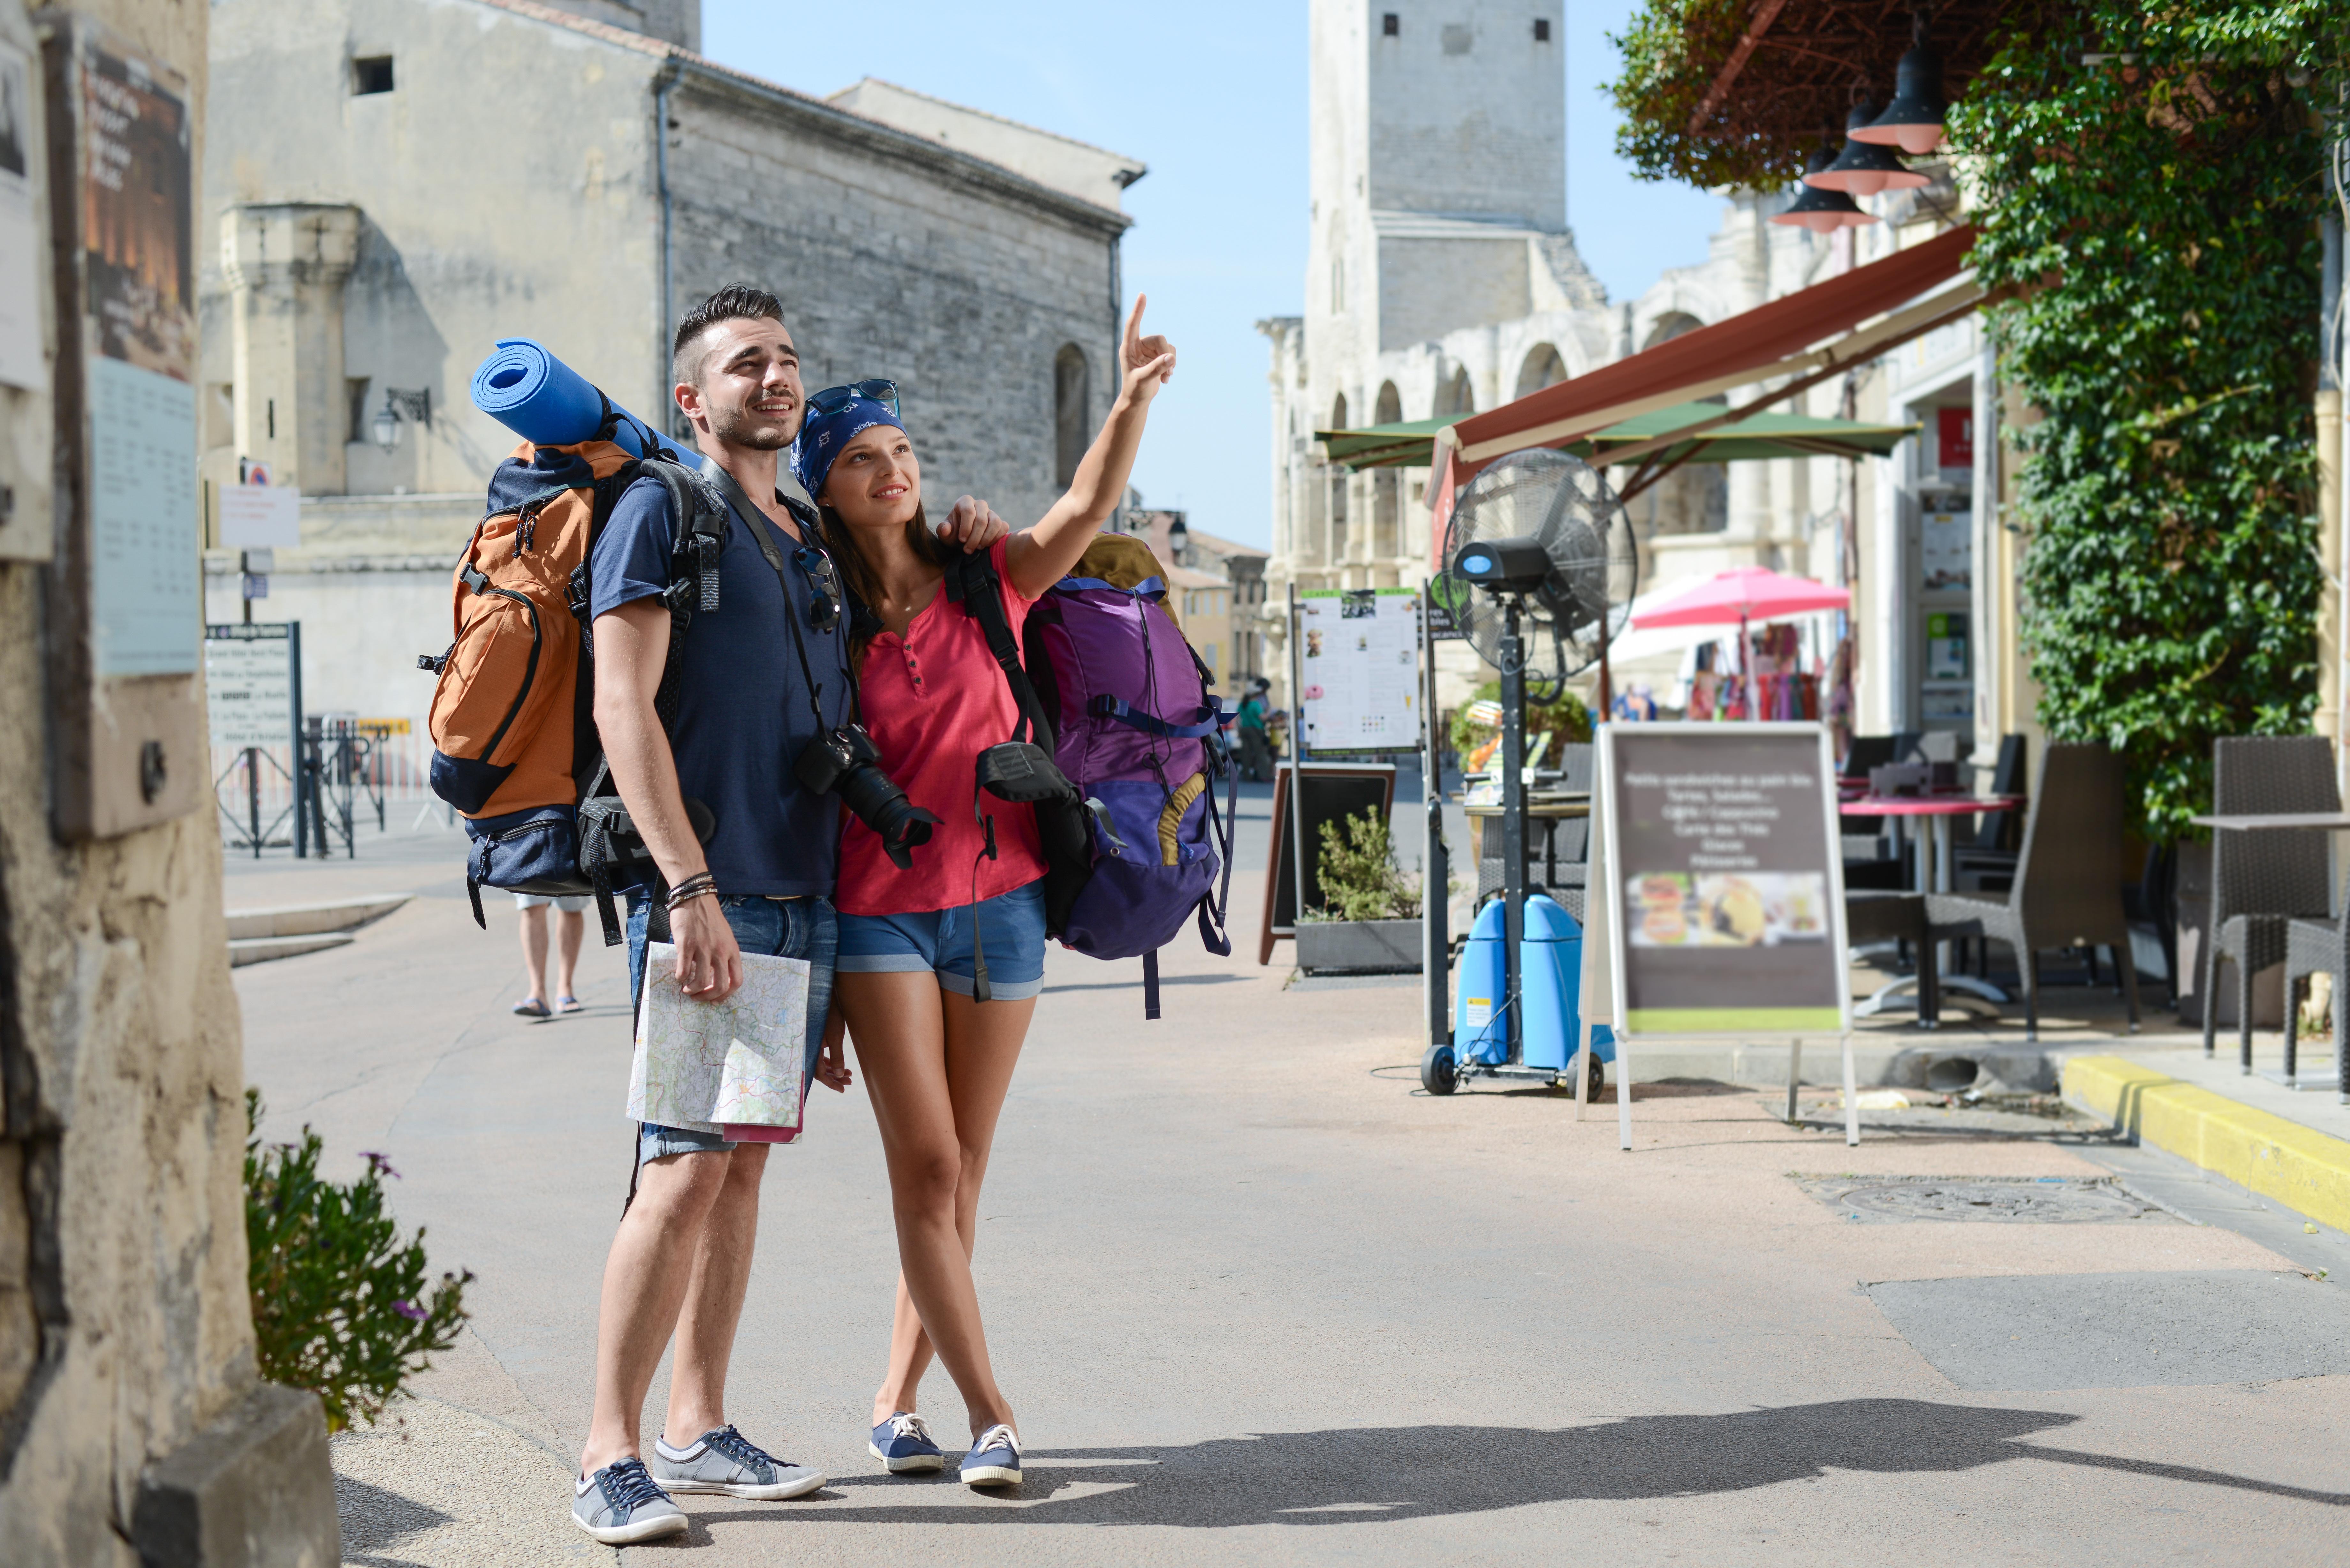 WHV France - comment obtenir le visa et une assurance pour vivre à Paris